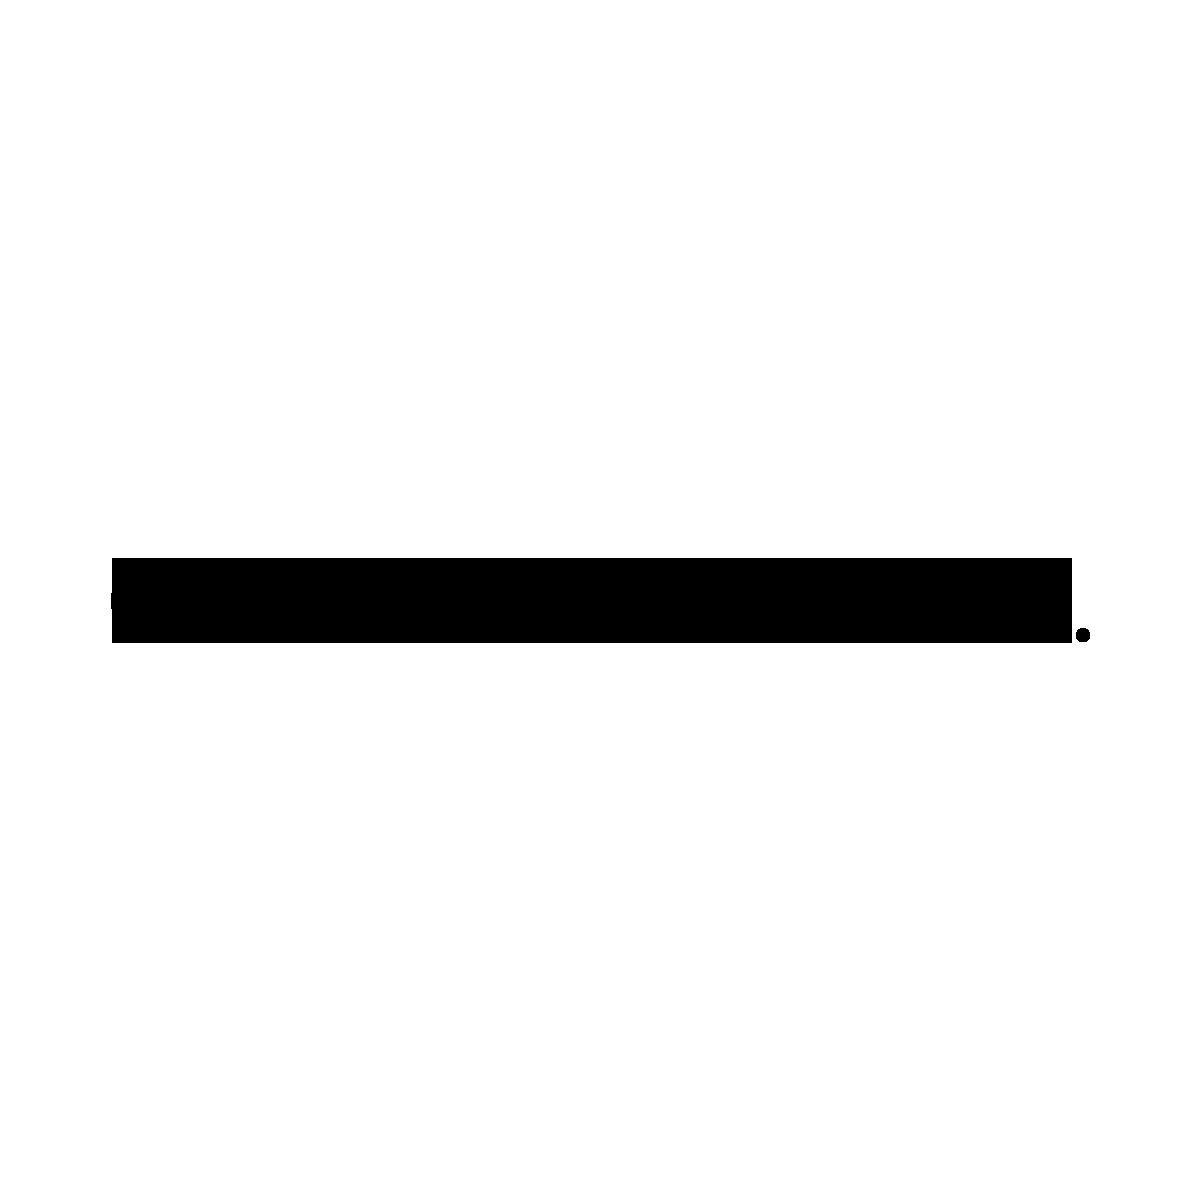 Sneaker-Ellenore-Schwarz